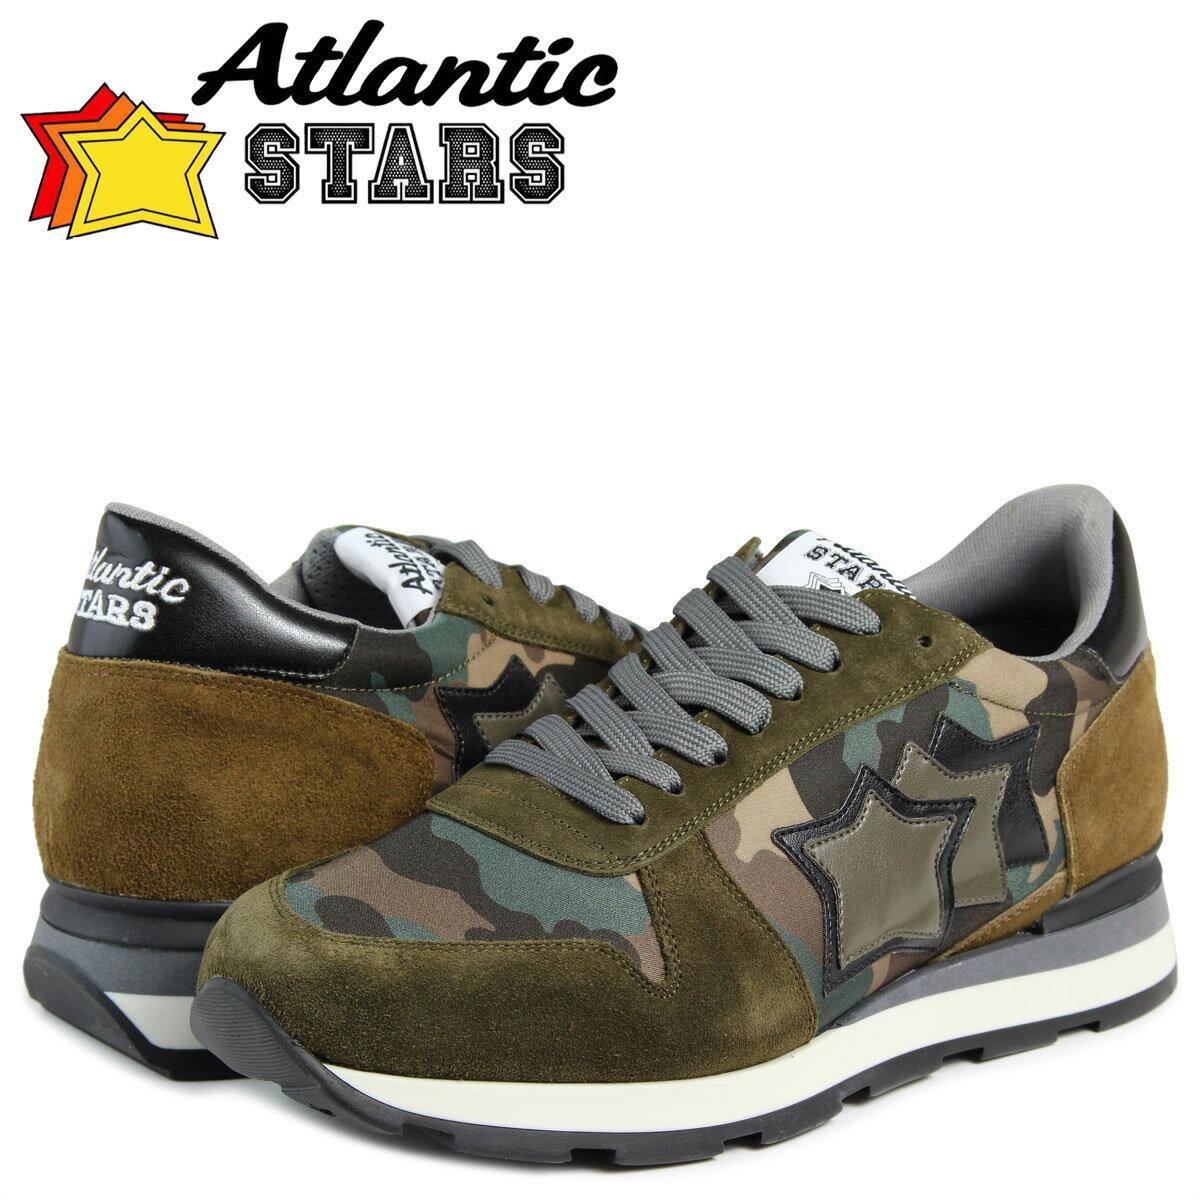 【お買い物マラソン ポイント最大30倍】Atlantic STARS メンズ スニーカー アトランティックスターズ シリウス SIRIUS TH-81N 靴 カモ